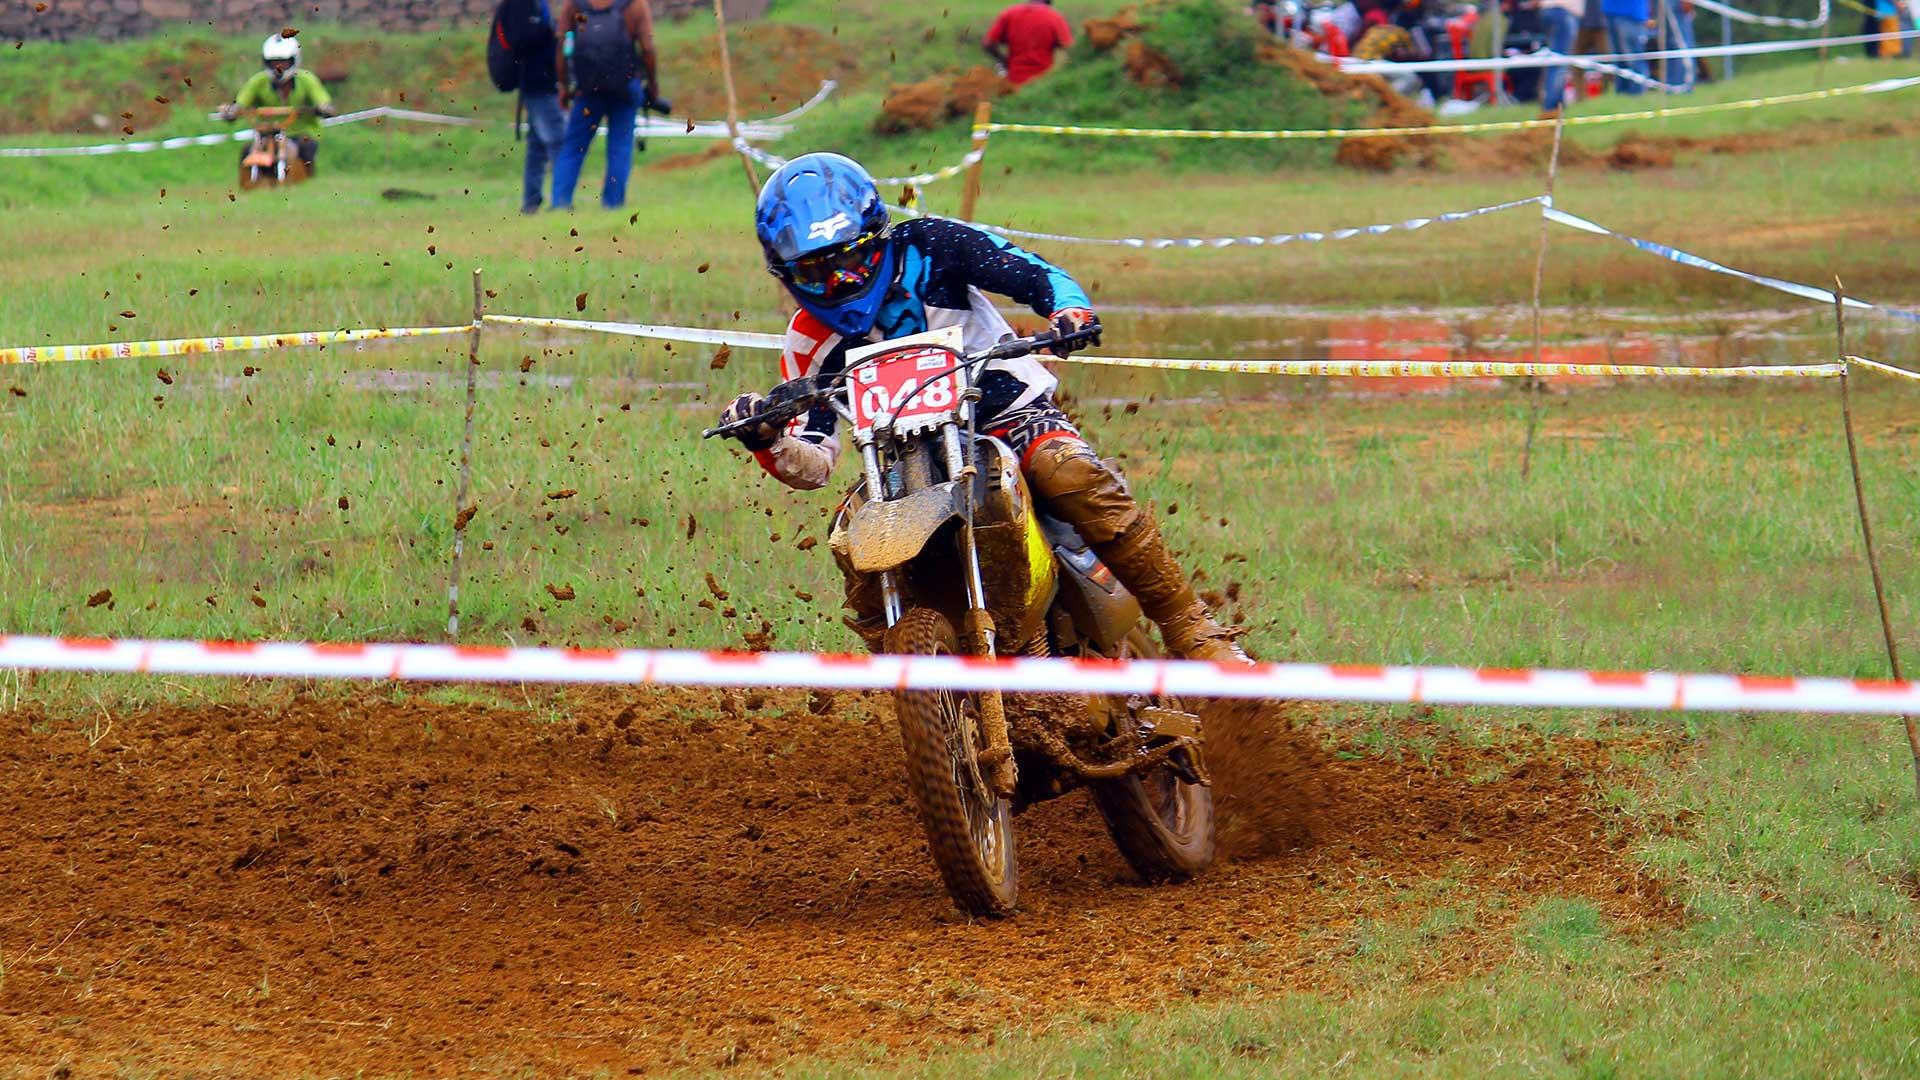 Mud bogging